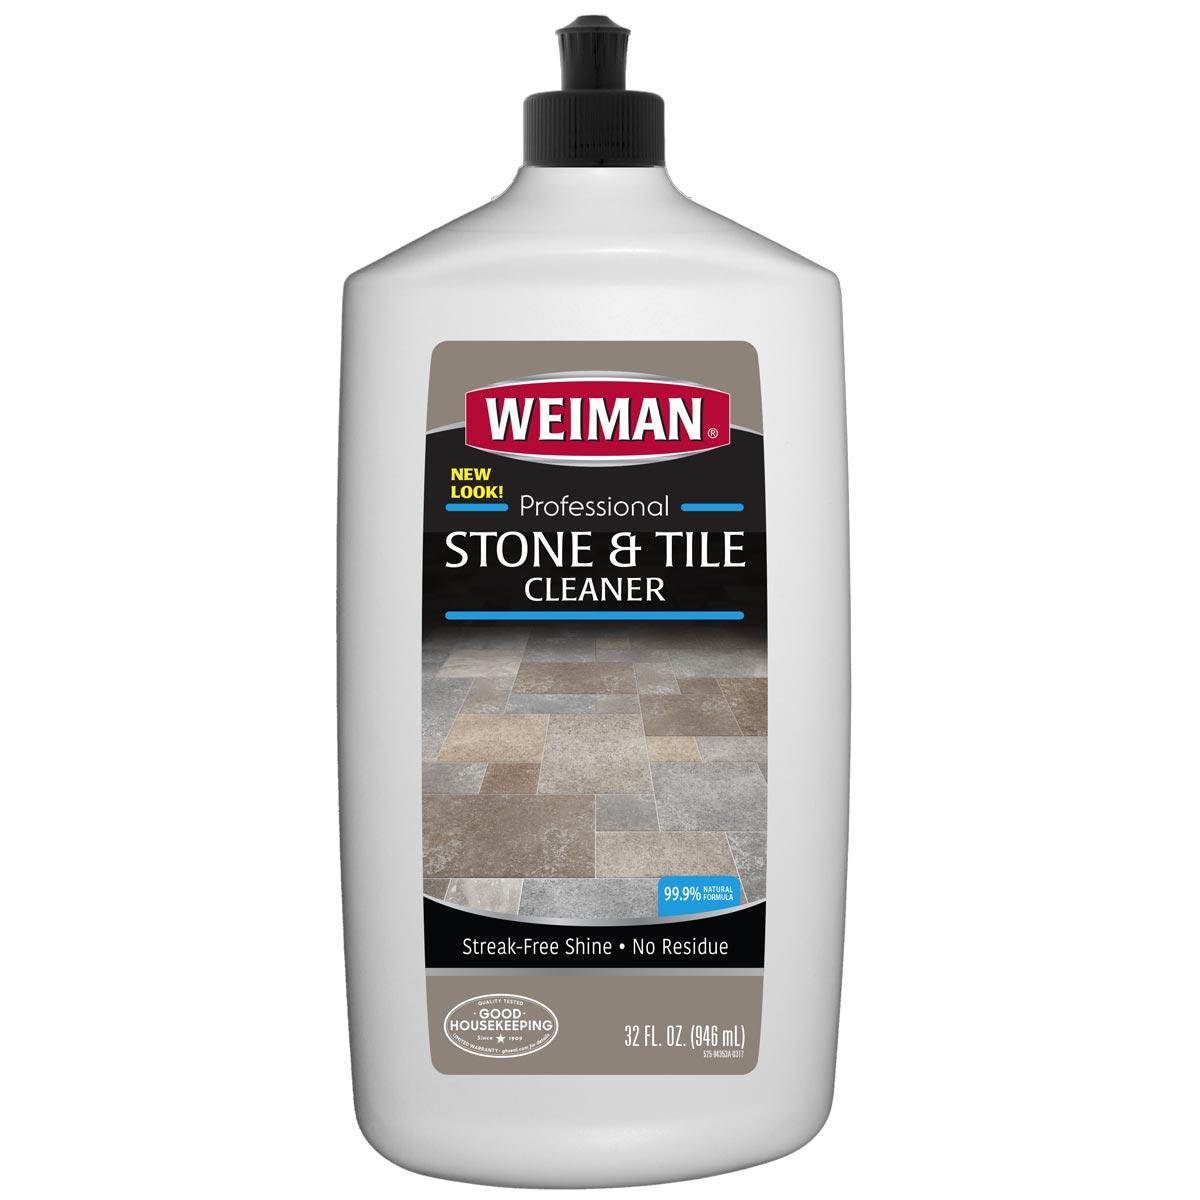 https://googone.com/media/catalog/product/w/e/weiman-stone-floor-cleaner_front_2.jpg